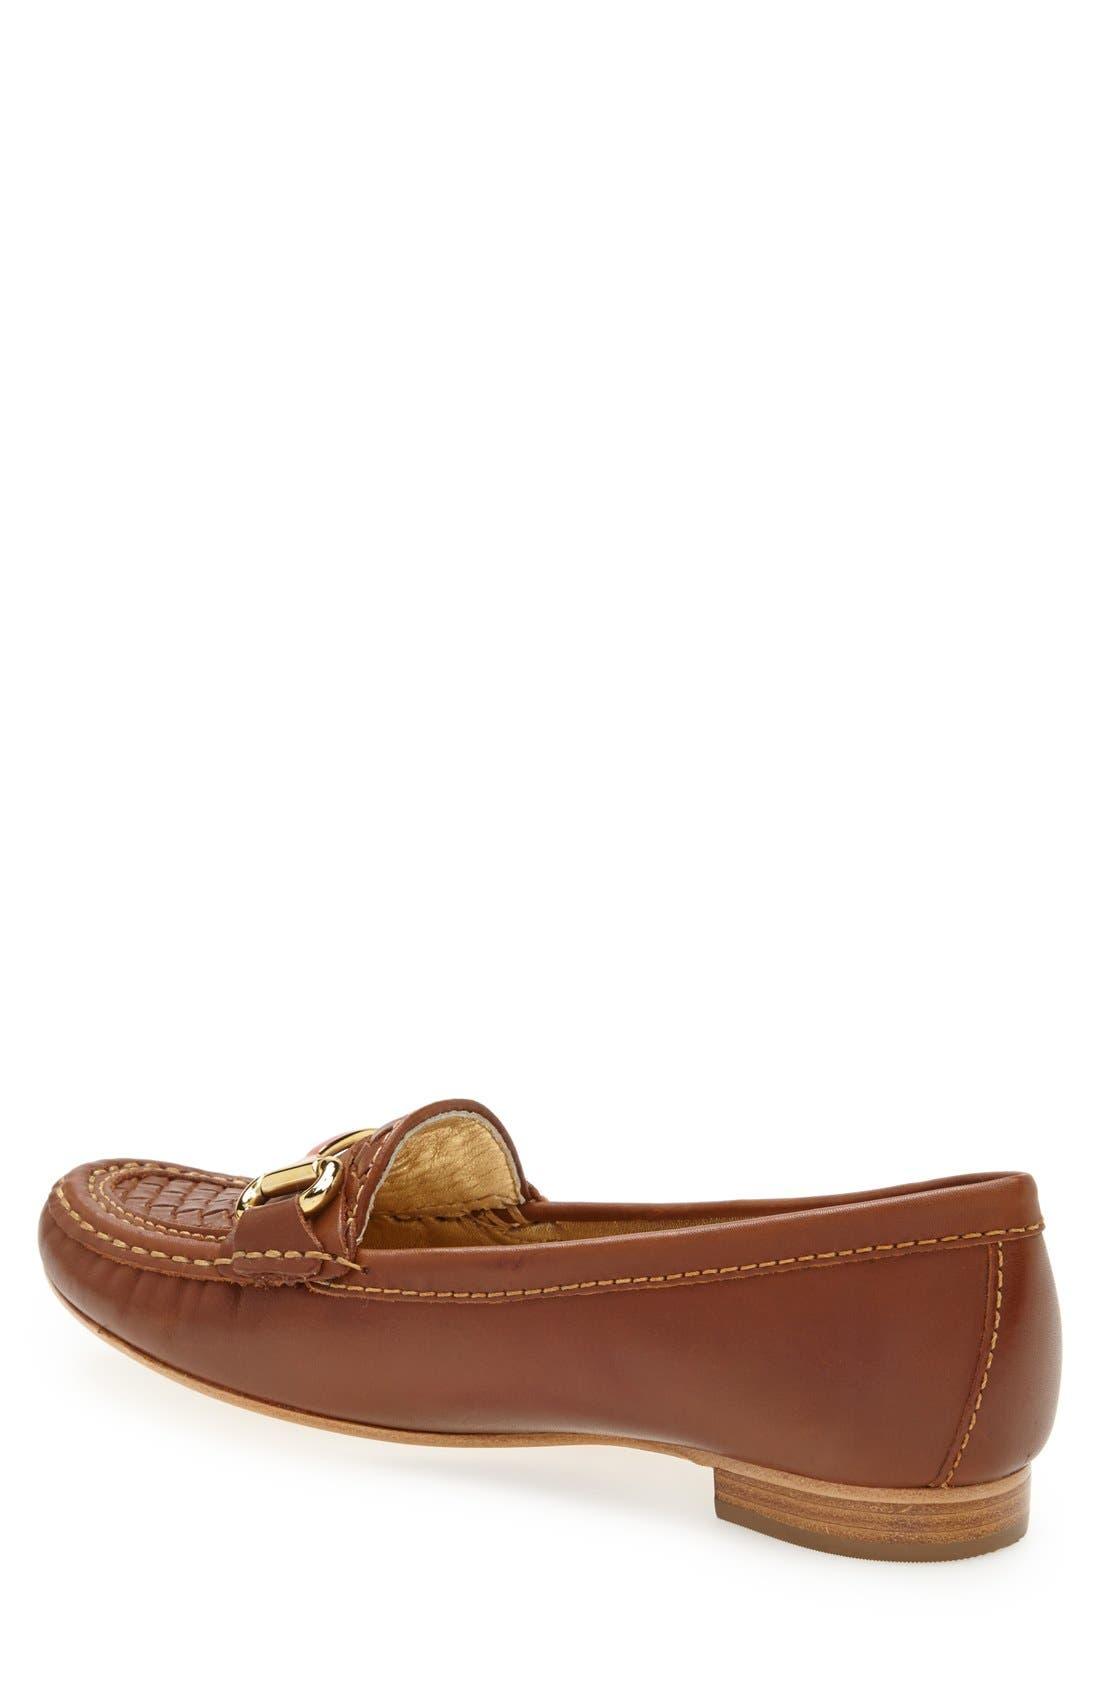 Alternate Image 2  - Marc Joseph New York 'Grand St.' Calfskin Leather Loafer